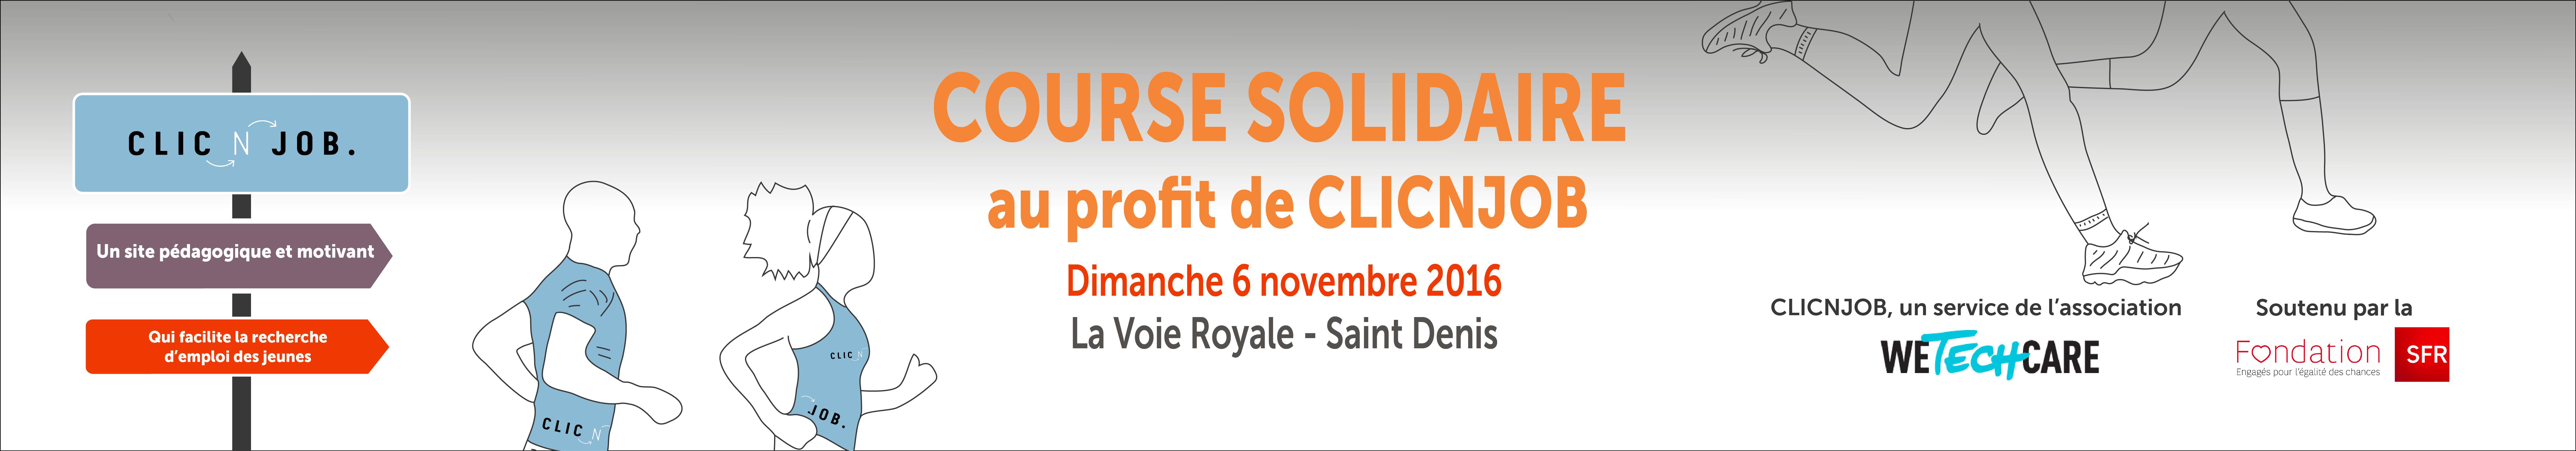 Ma page de collecte pour la course solidaire au profit de CLICNJOB - WeTechCare